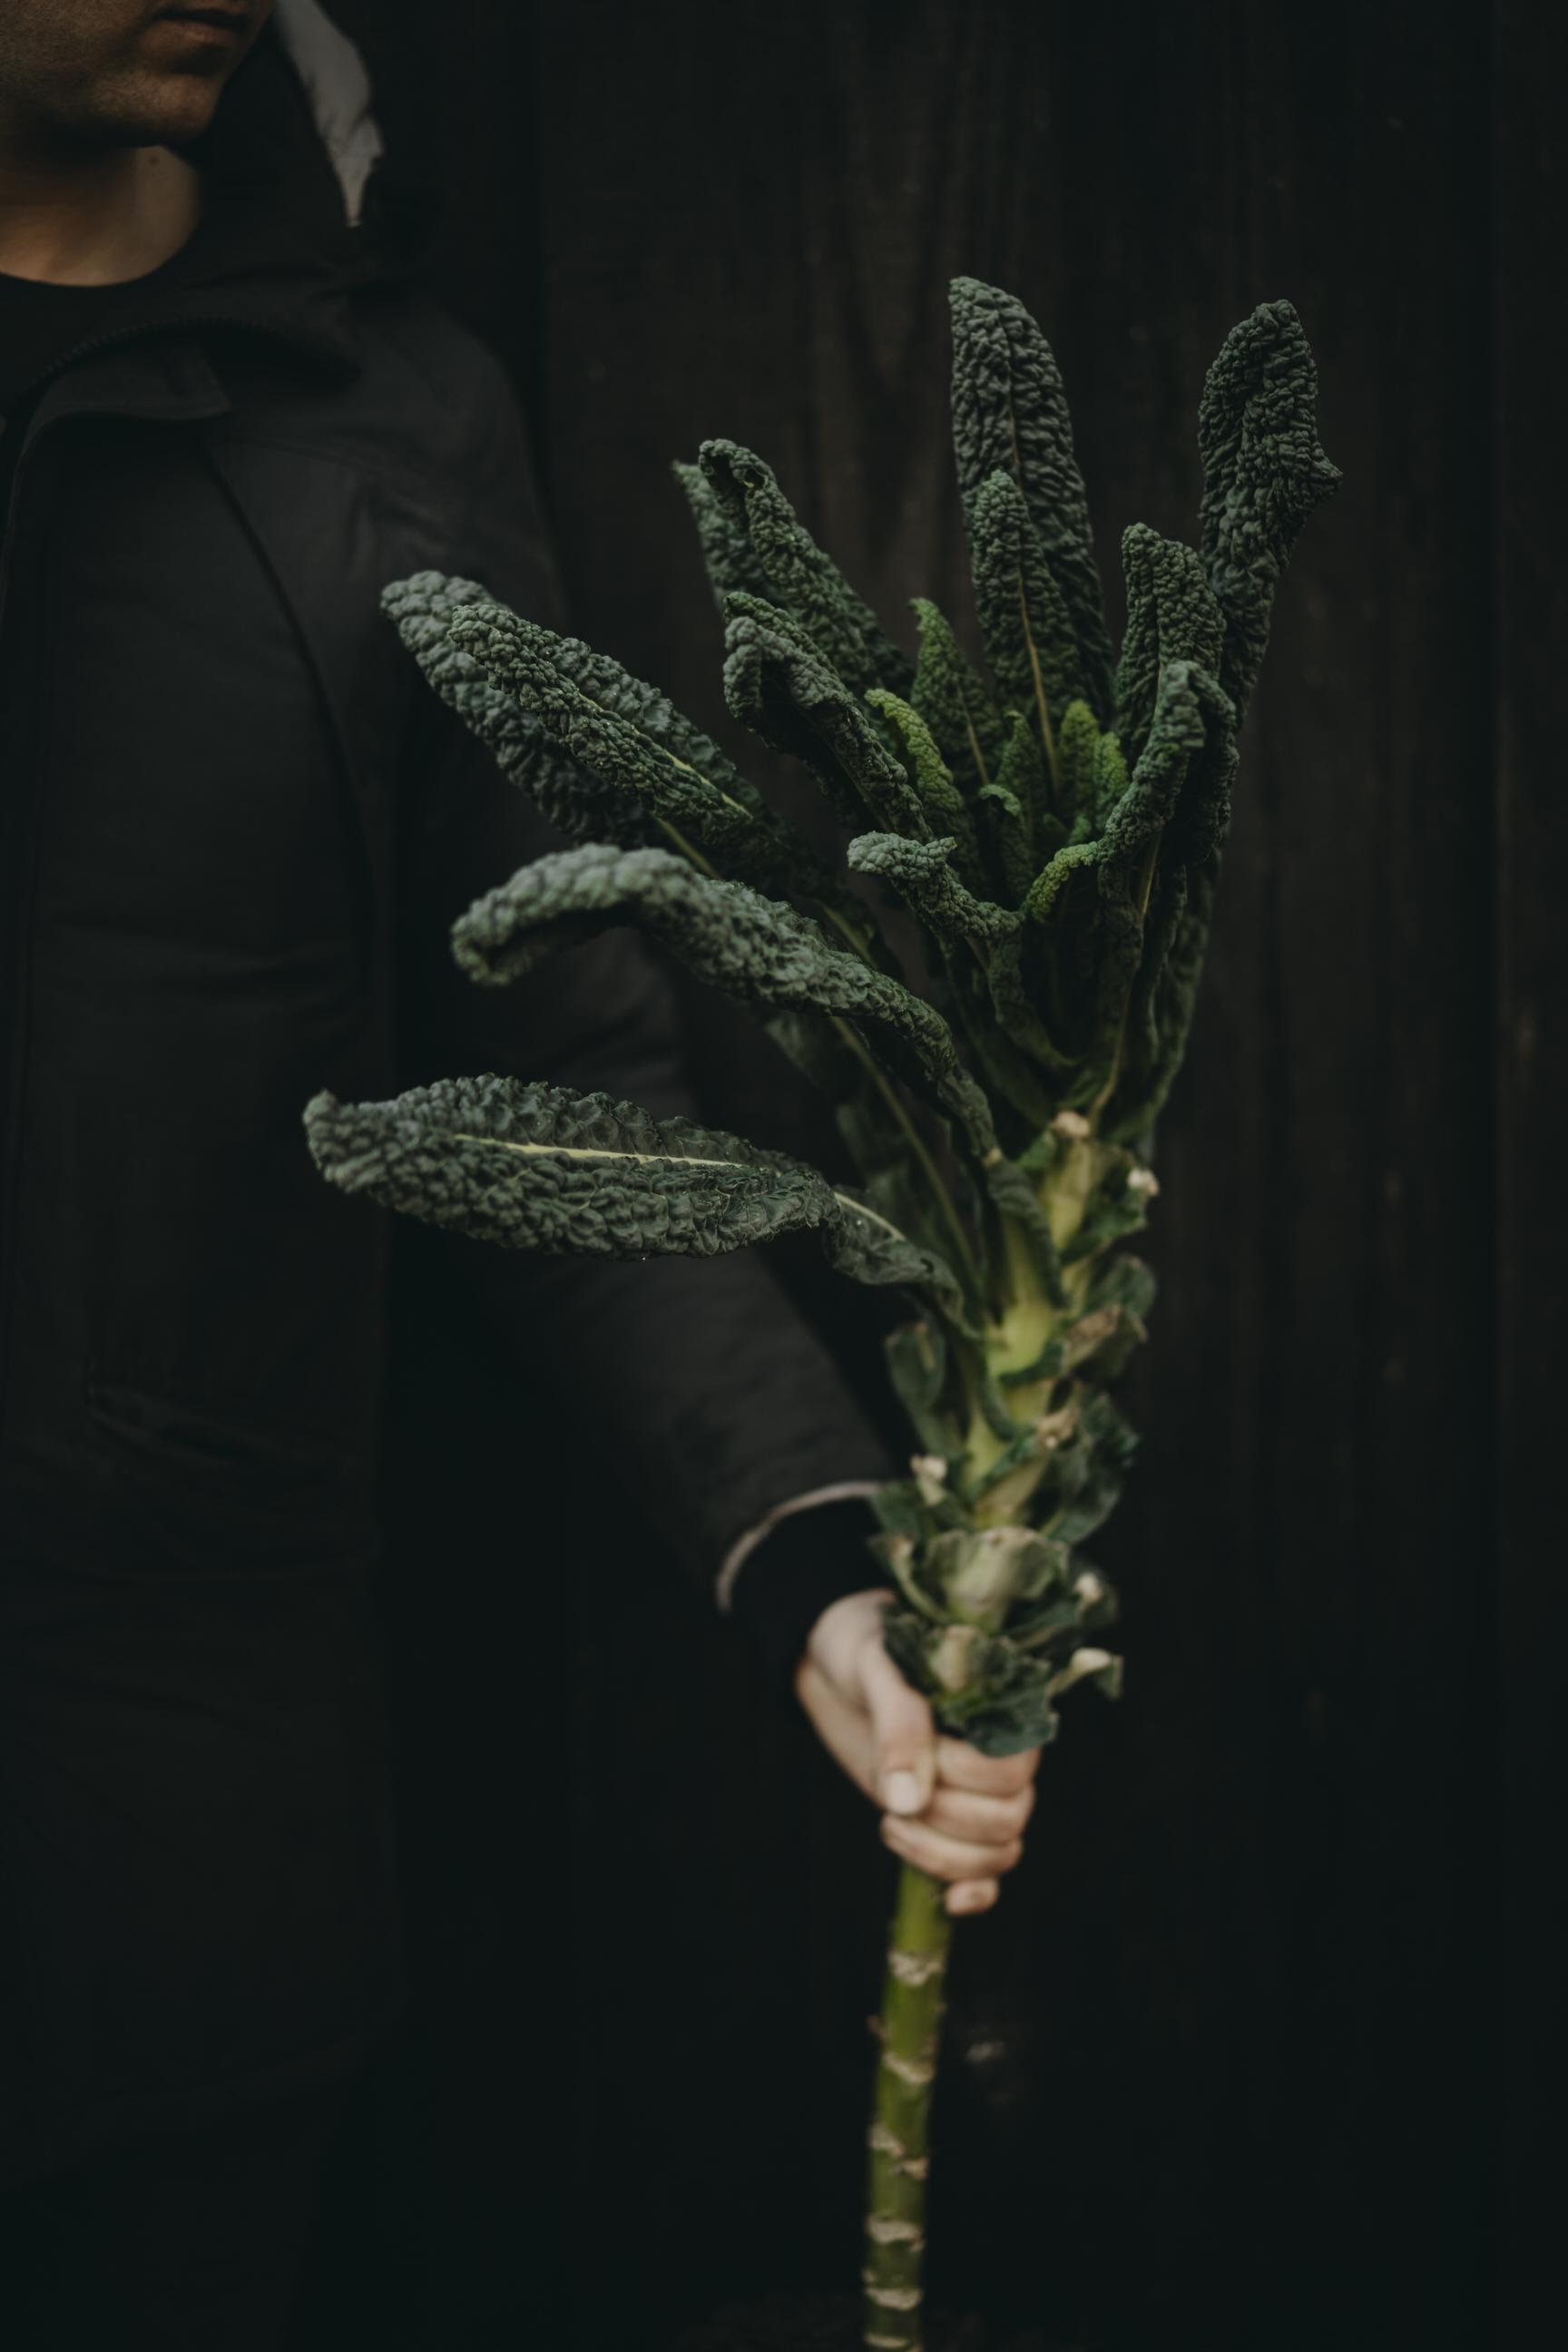 20190119_-_Shoot_my_food_-_Rijnzicht_-_C